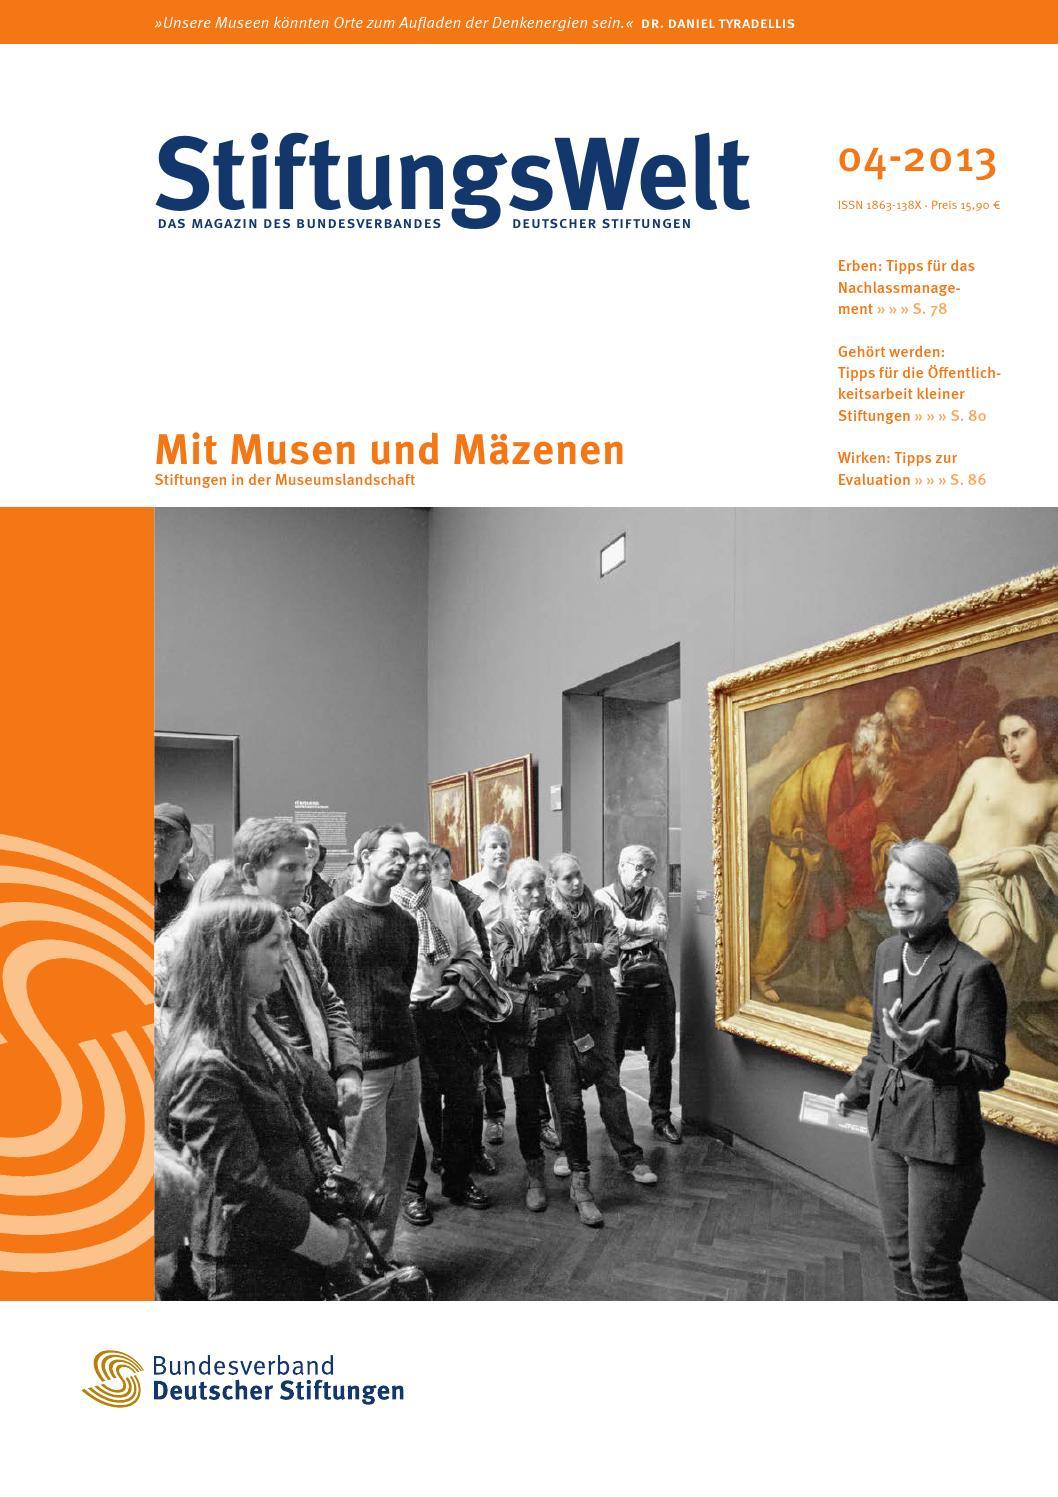 StiftungsWelt 04-2013: Mit Musen und Mäzenen by Bundesverband ...